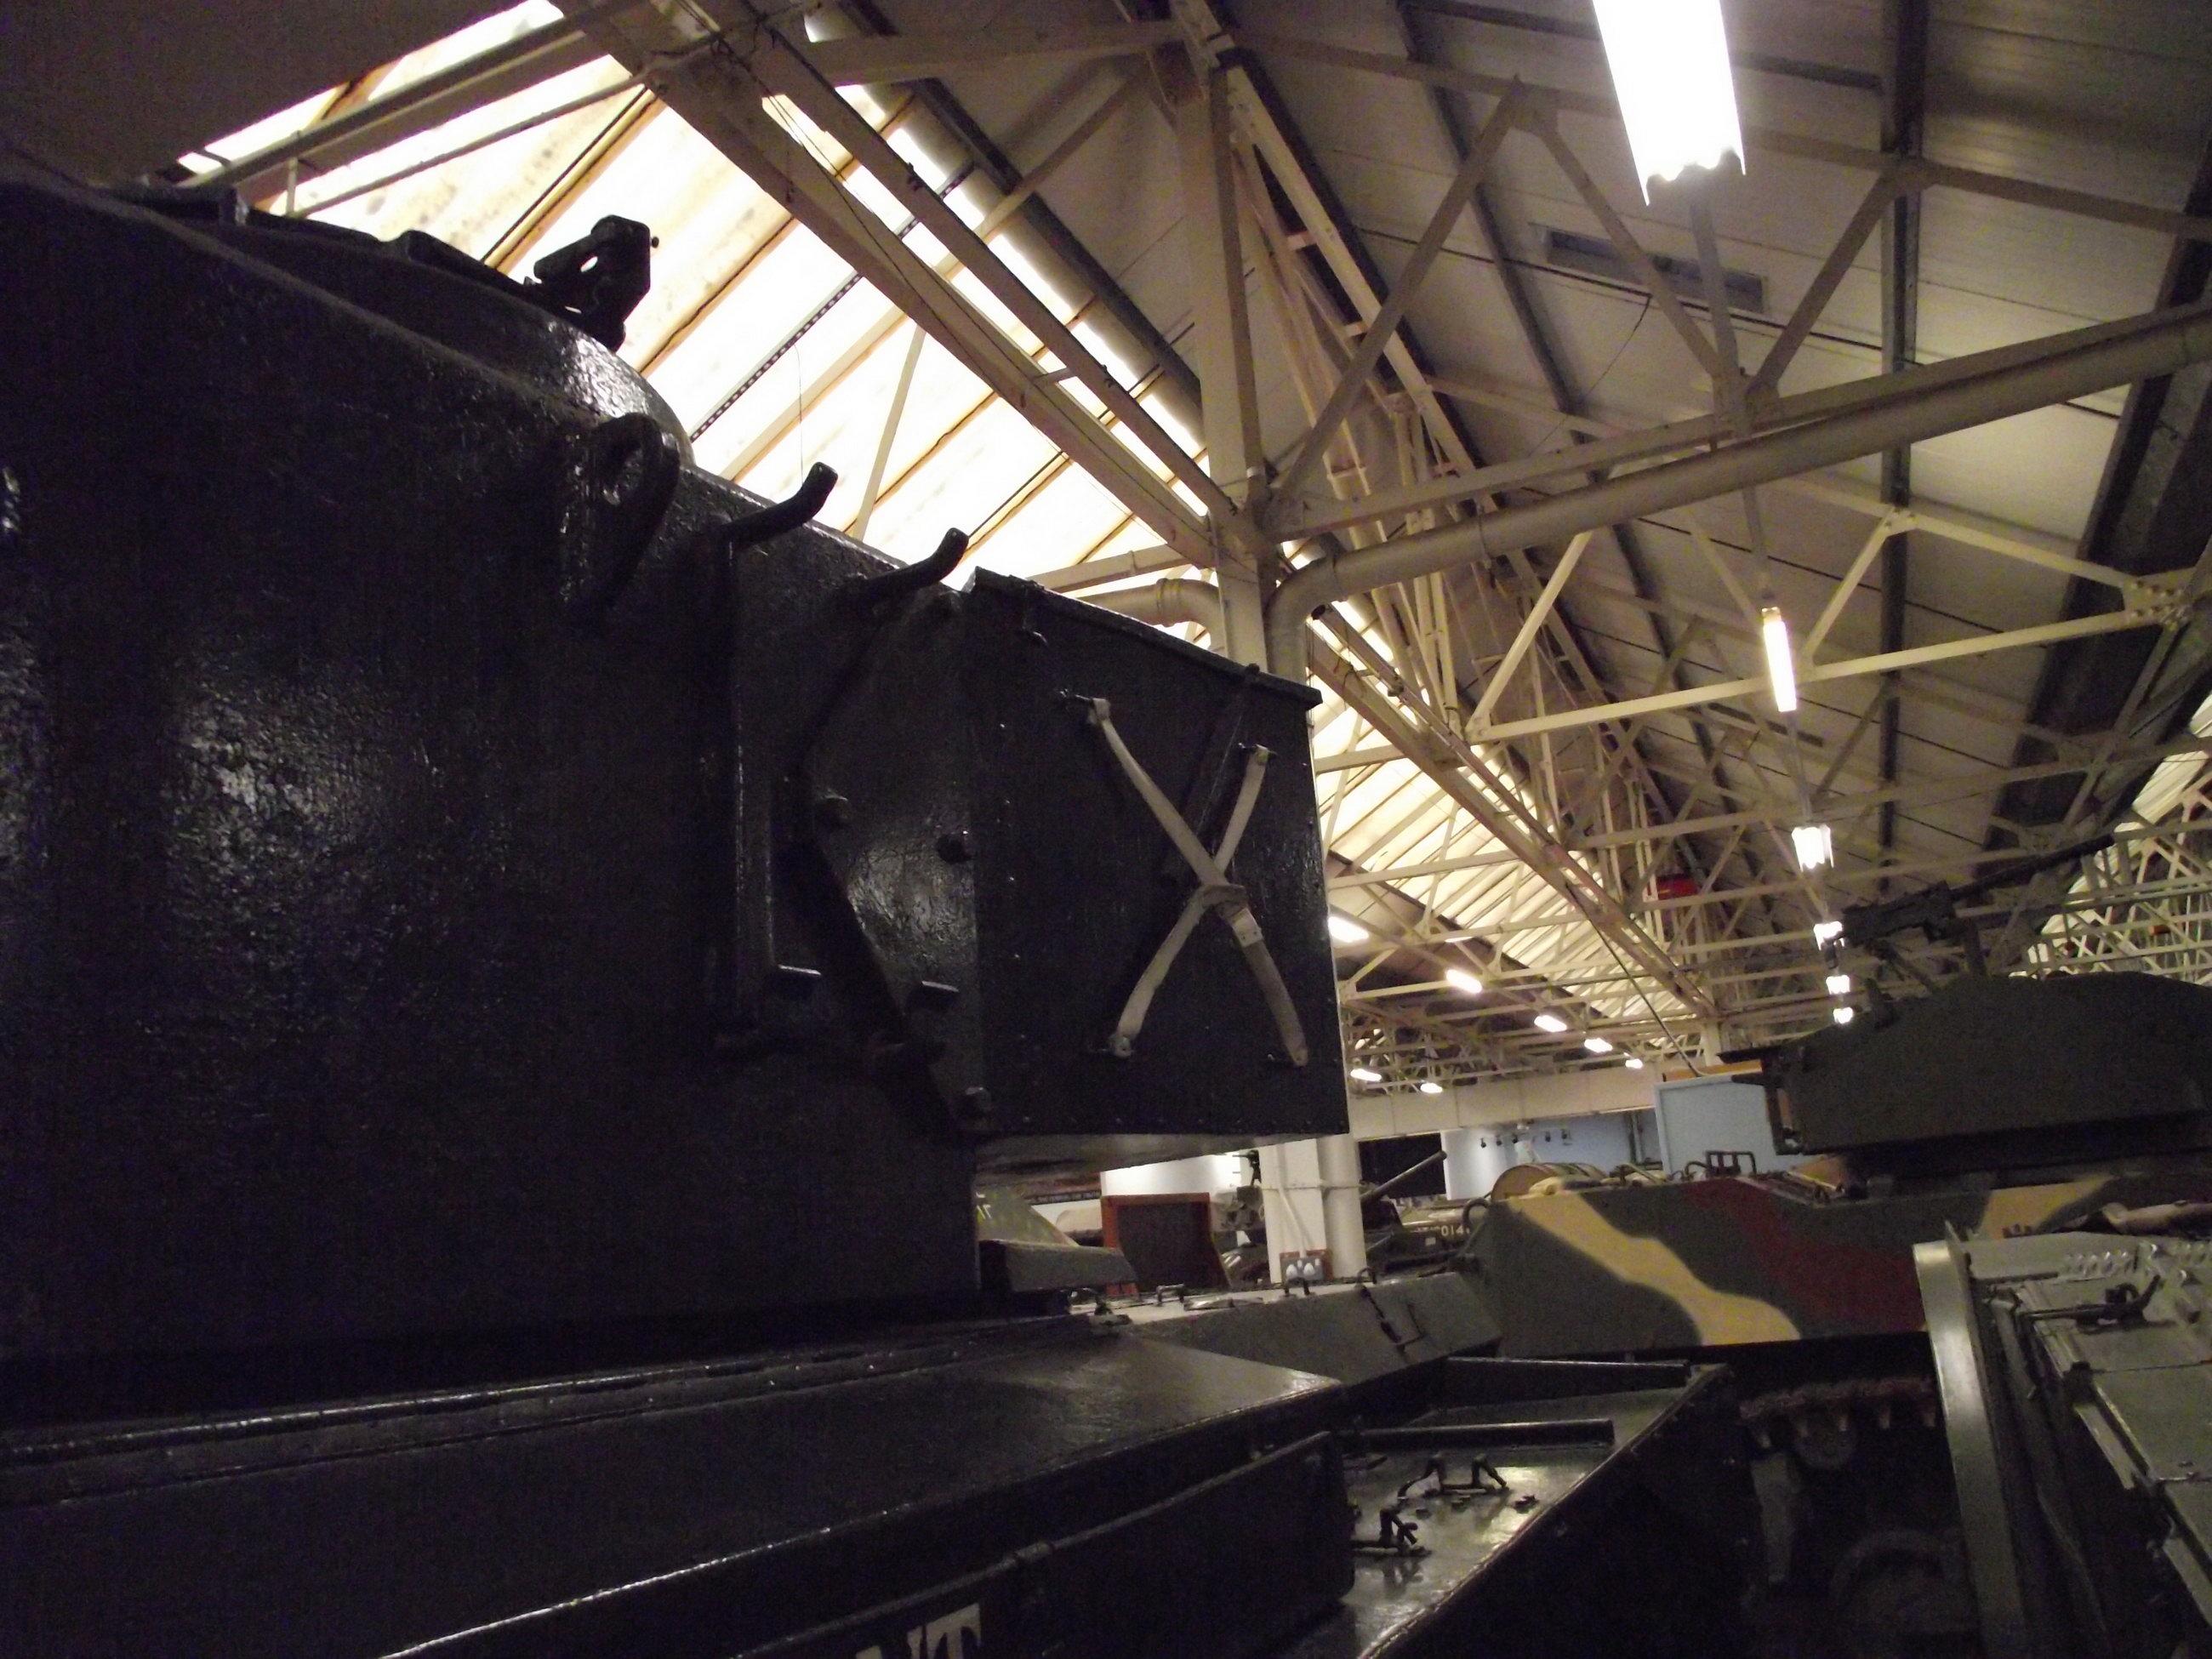 Tank_Museum_20180919_530.jpg